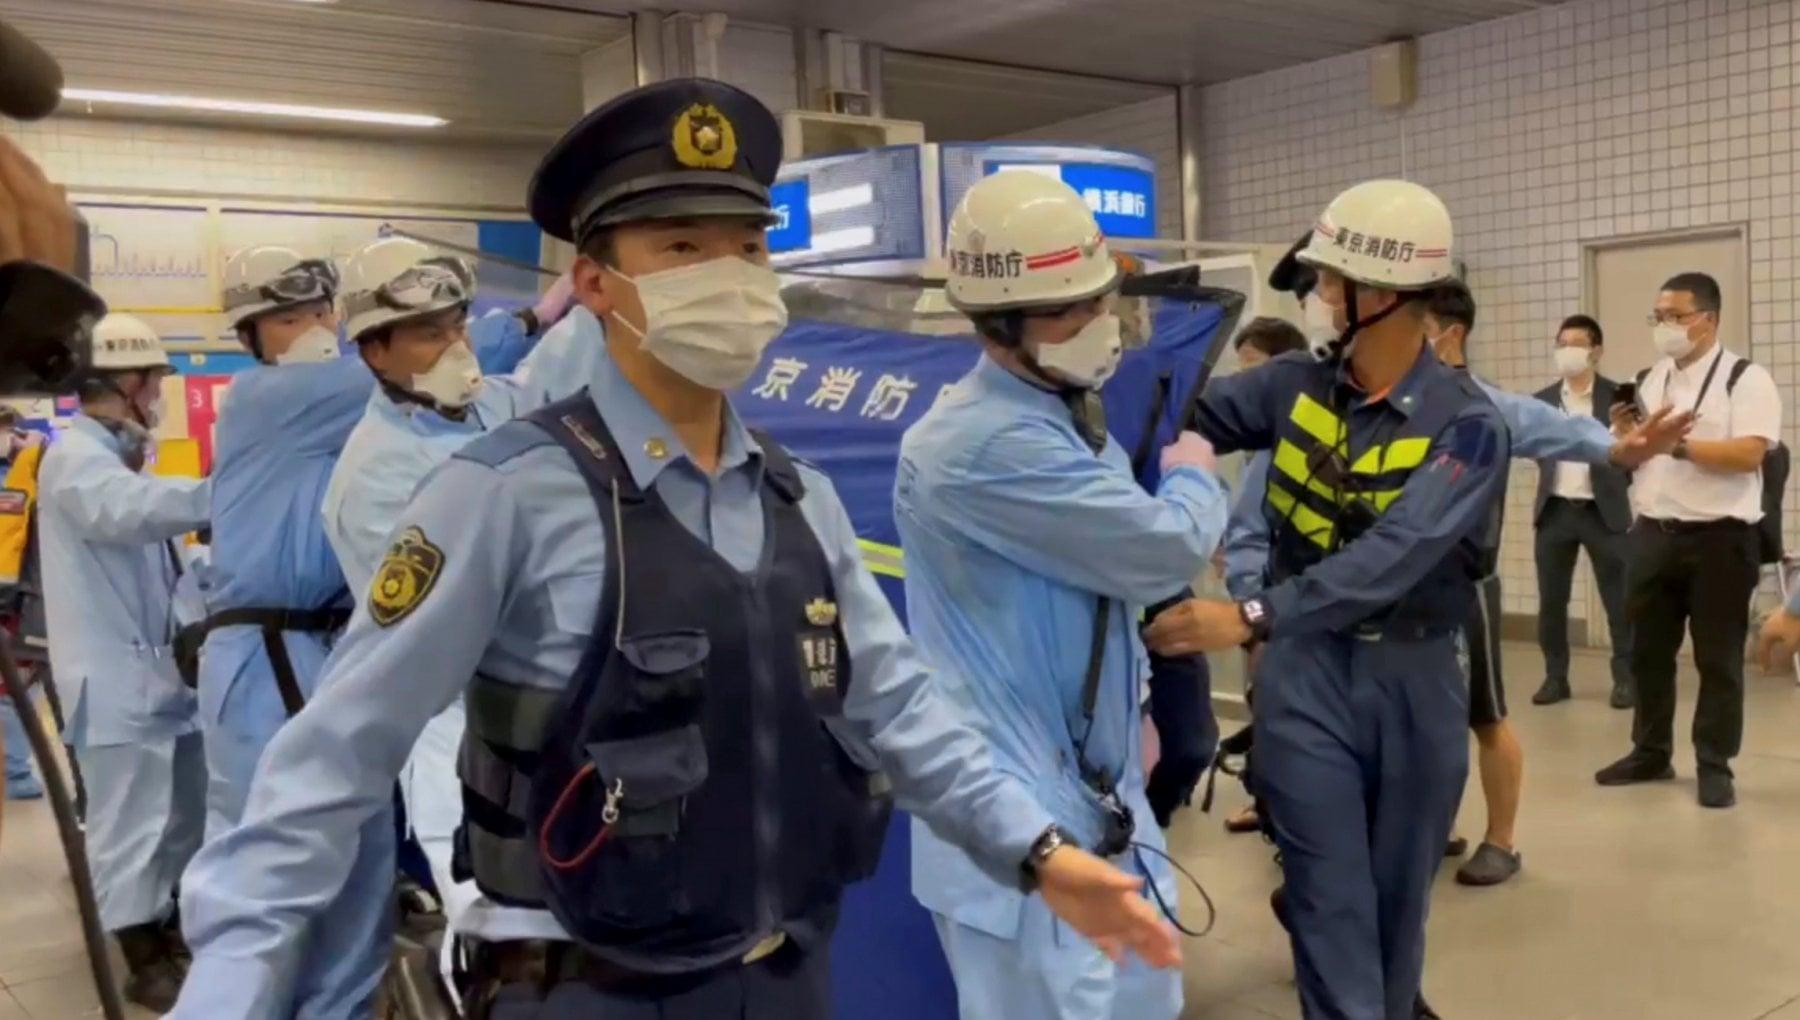 """111202118 9cee9600 2fd5 447a 877e 1b0bcb2af797 - Tokyo, accoltellatore in treno: 10 feriti. """"Voleva uccidere donne felici"""""""